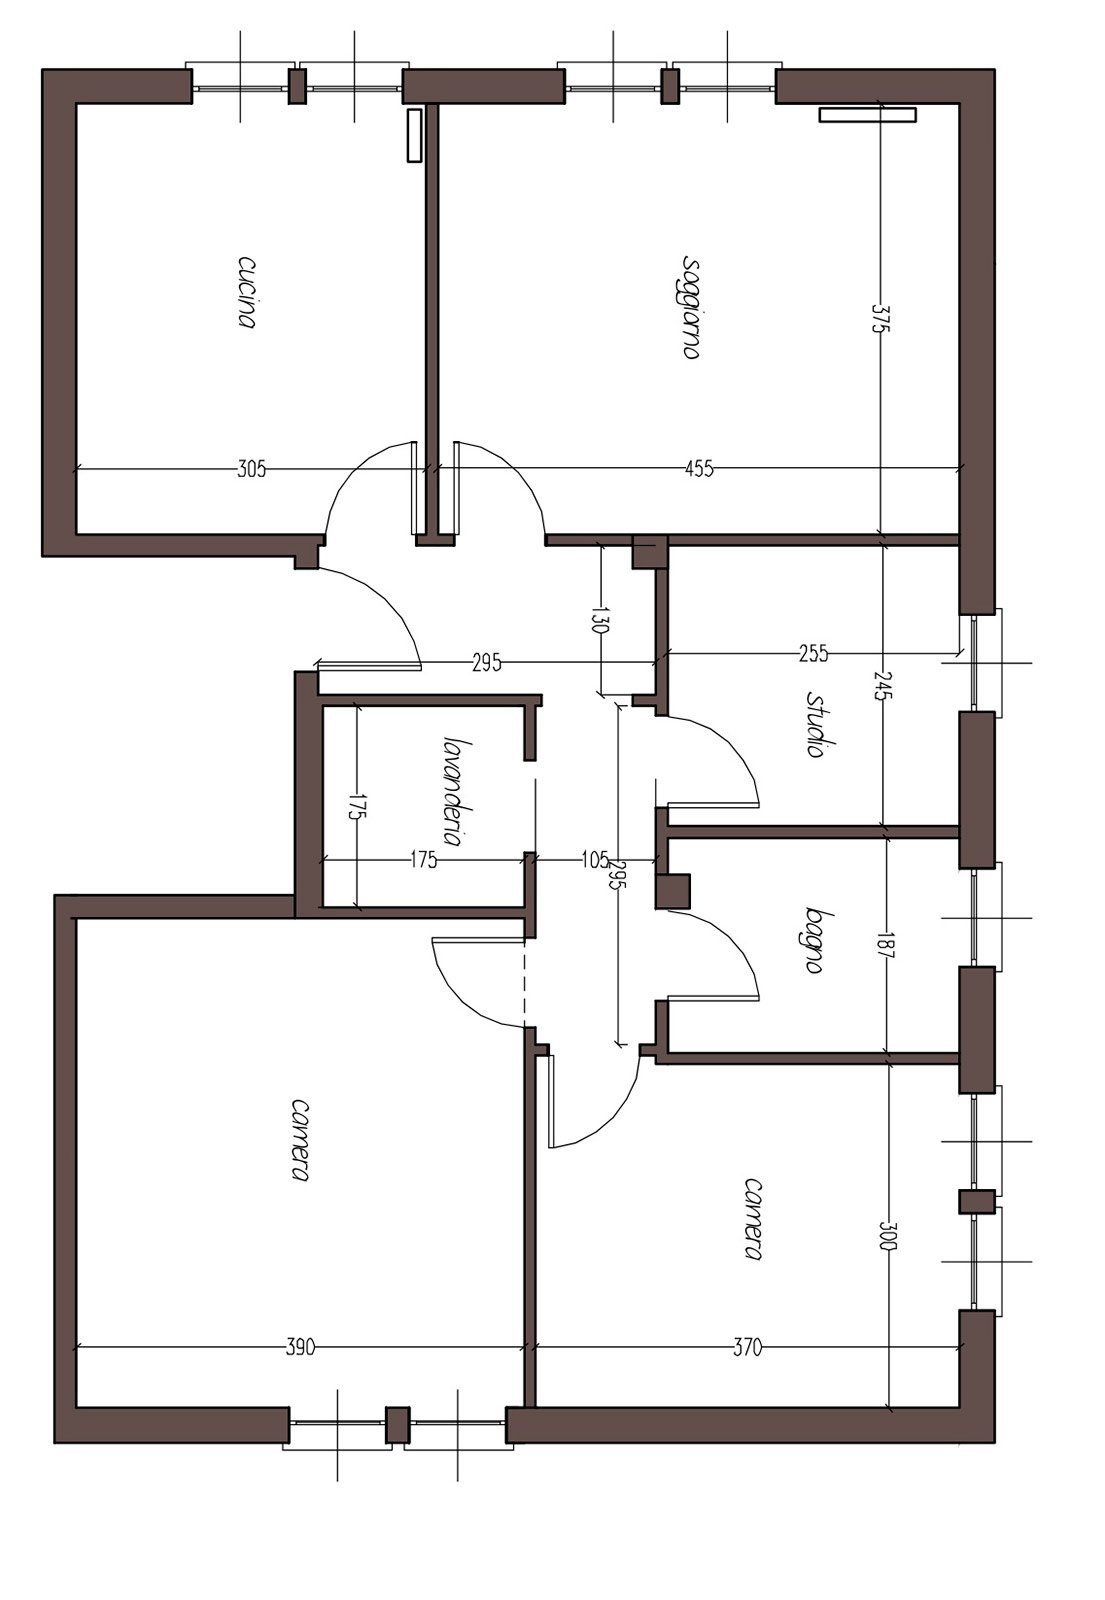 Da casa tradizionale ad abitazione moderna e attuale cose di casa - Progetto di casa moderna ...